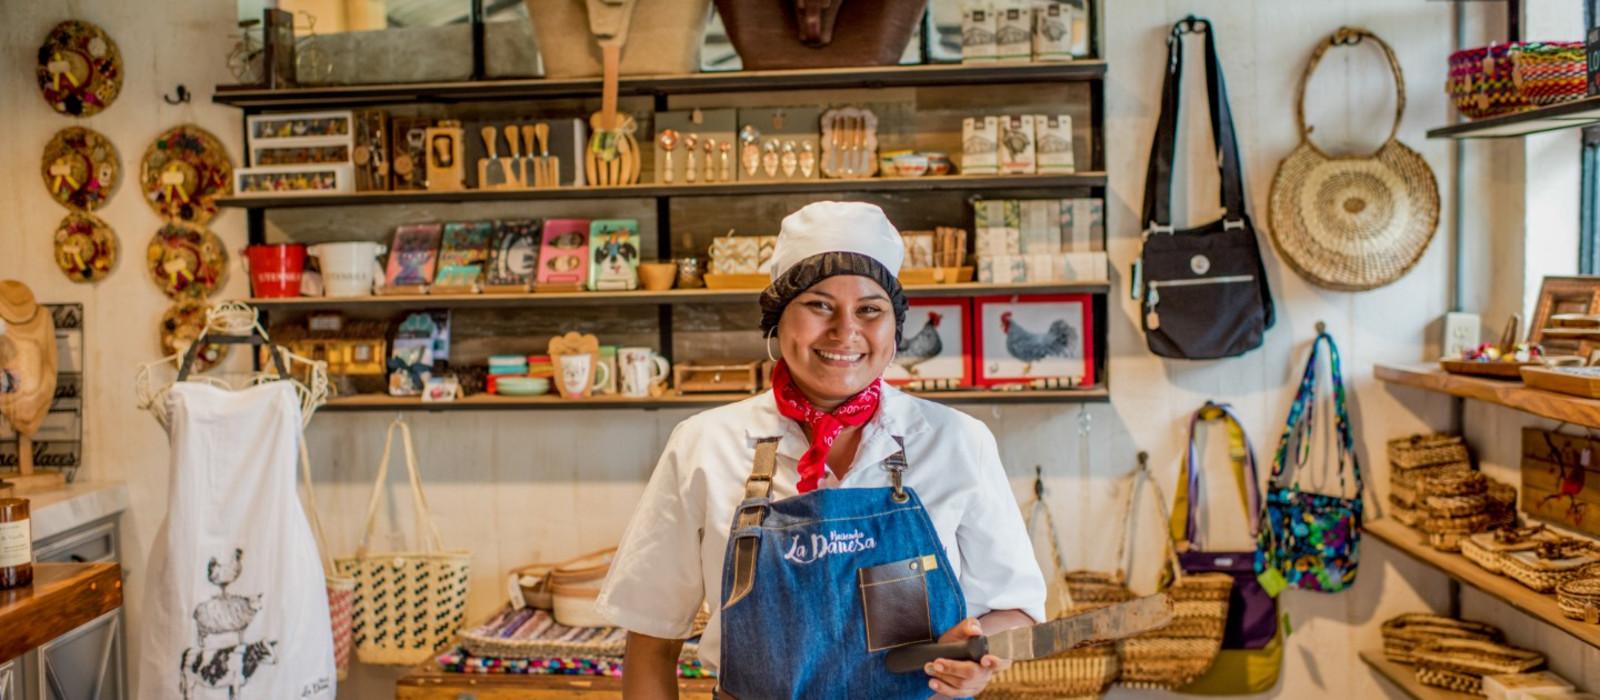 cuisine in Ecuador